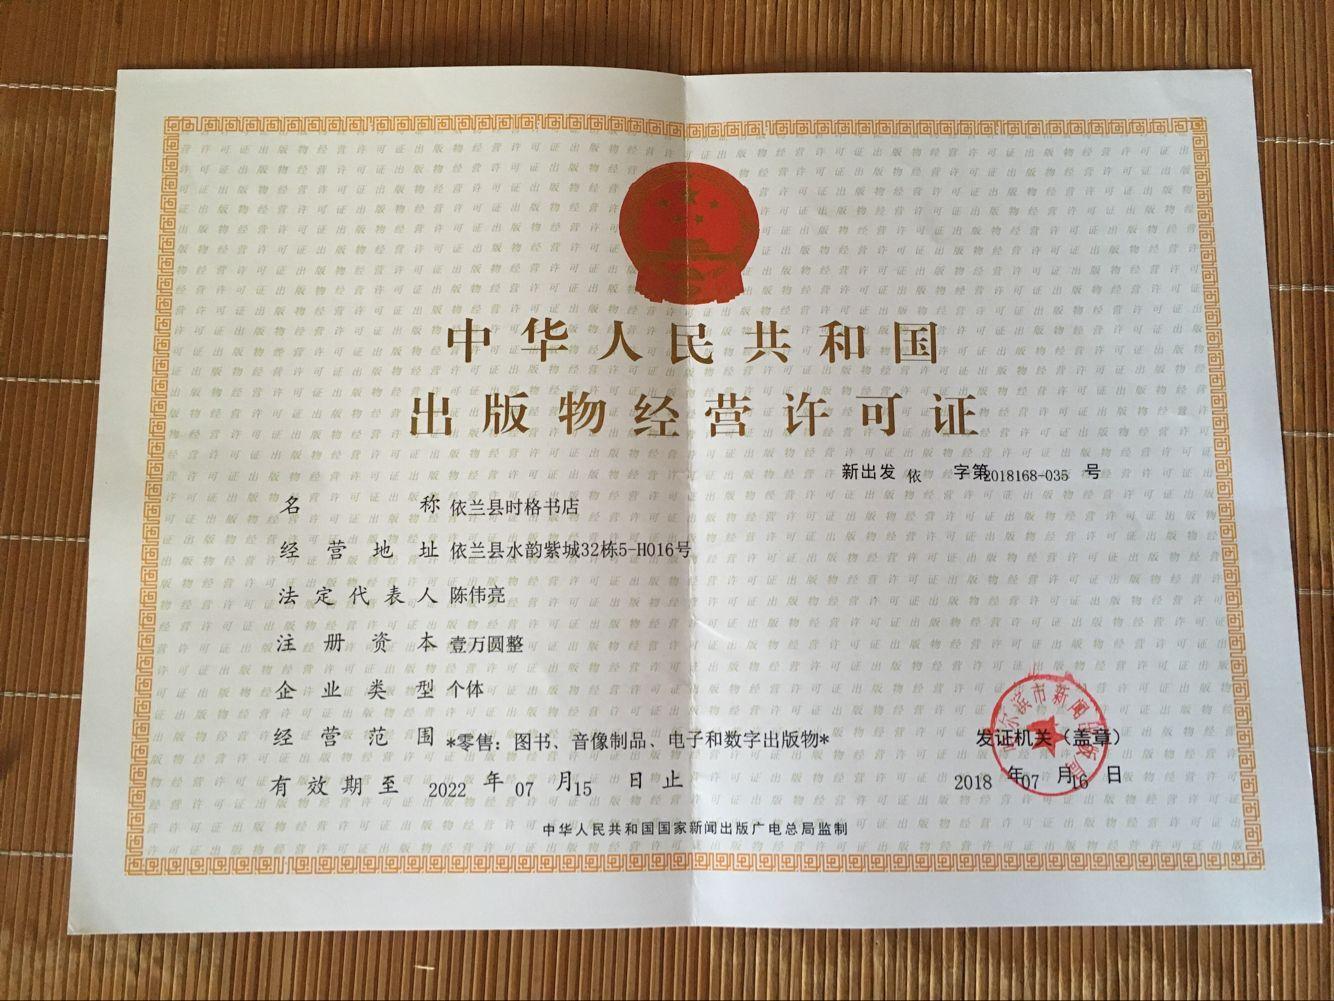 推荐:苏州相城区出版物经营许可证办理-专业办理中心